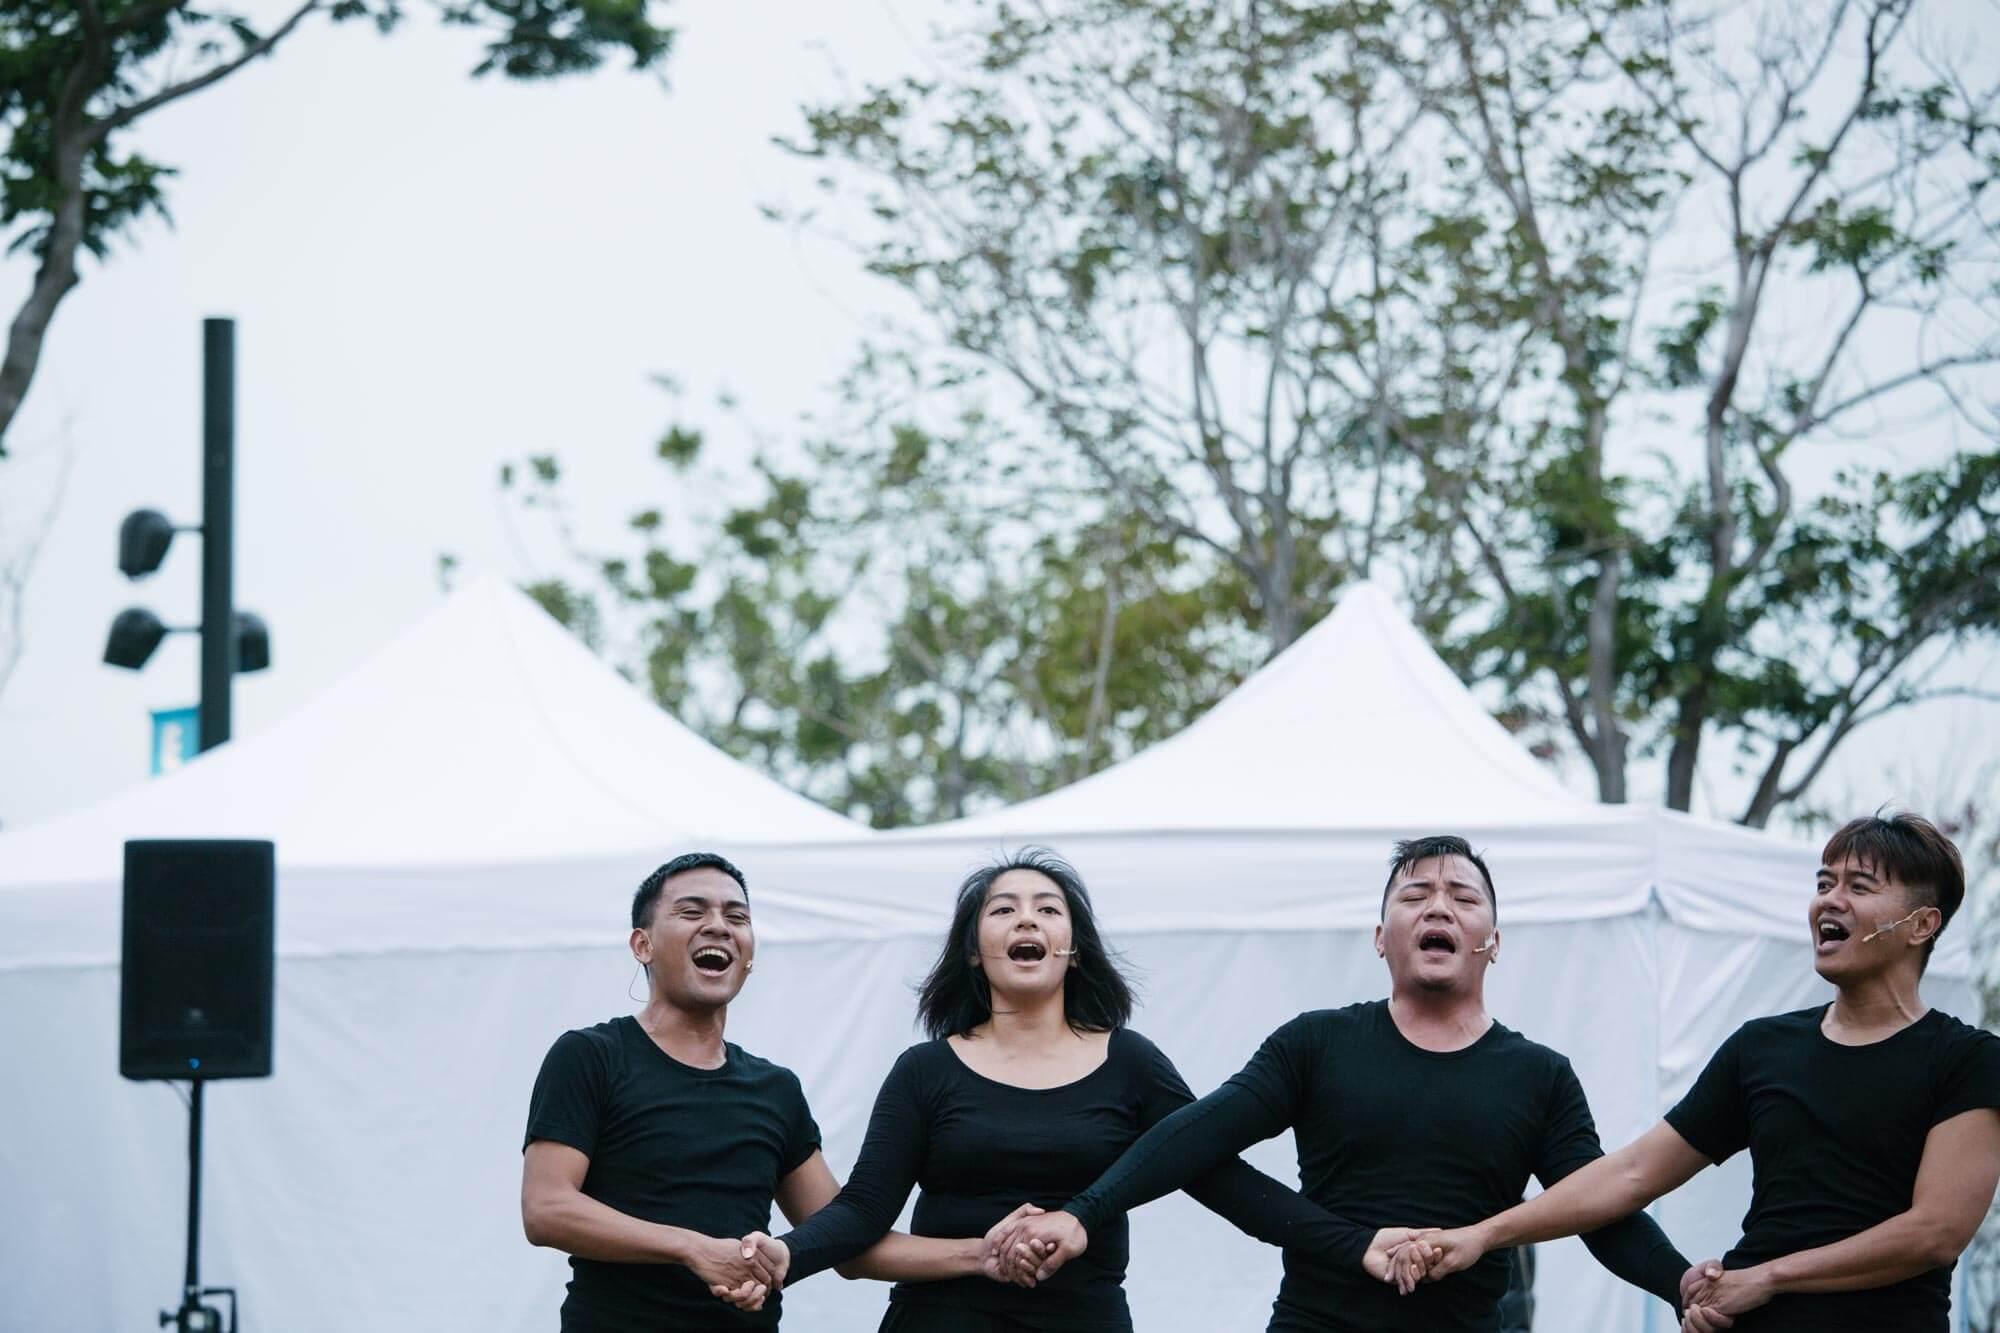 舞者穿着黑衫黑褲,在西九文化區的草地上,唱着歌,赤足跳舞。